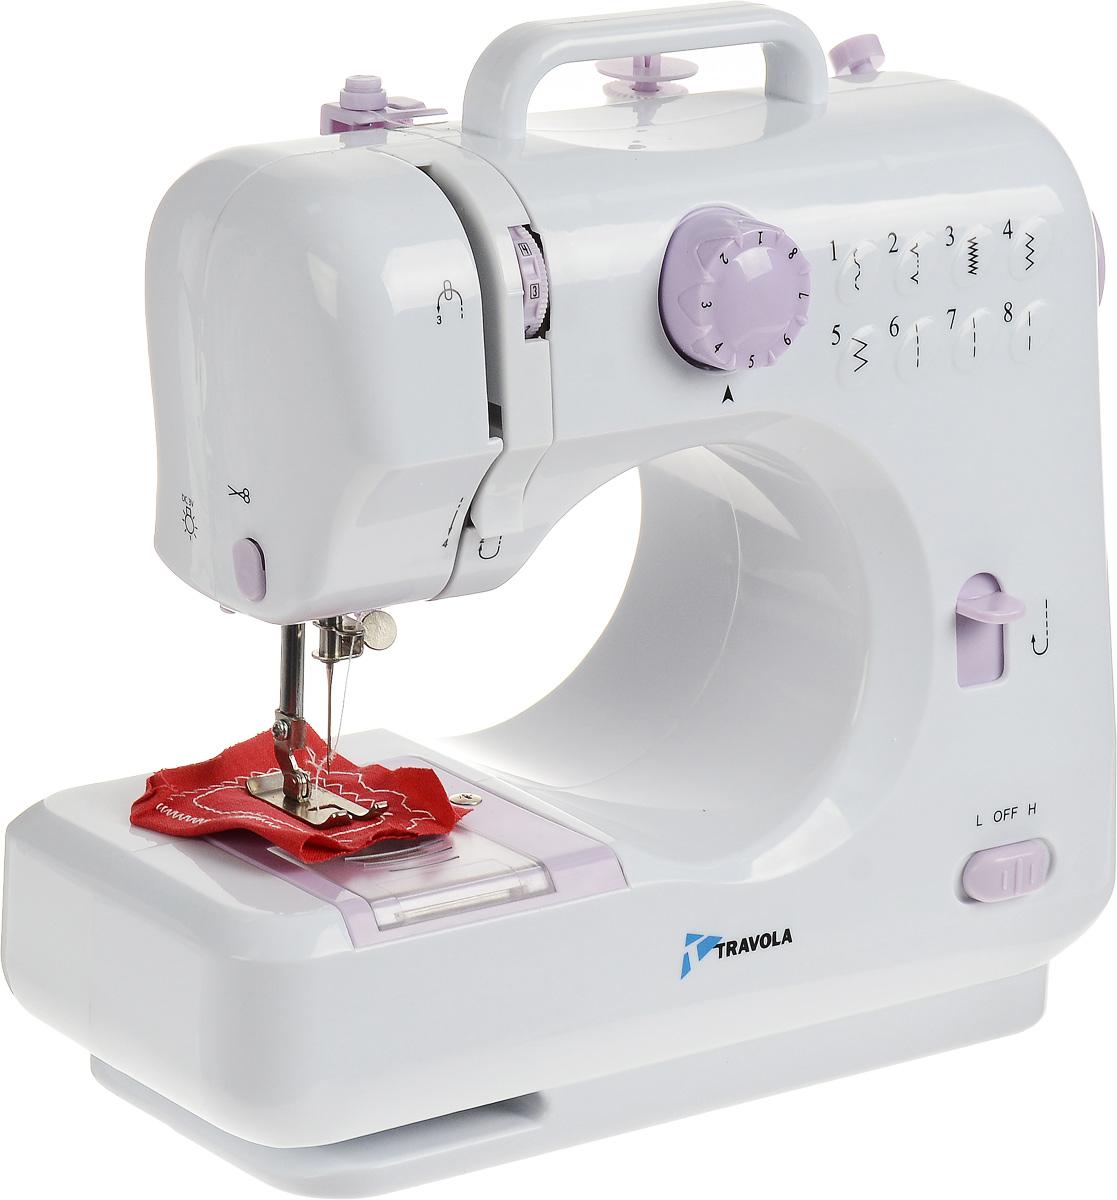 Travola 505 швейная машина